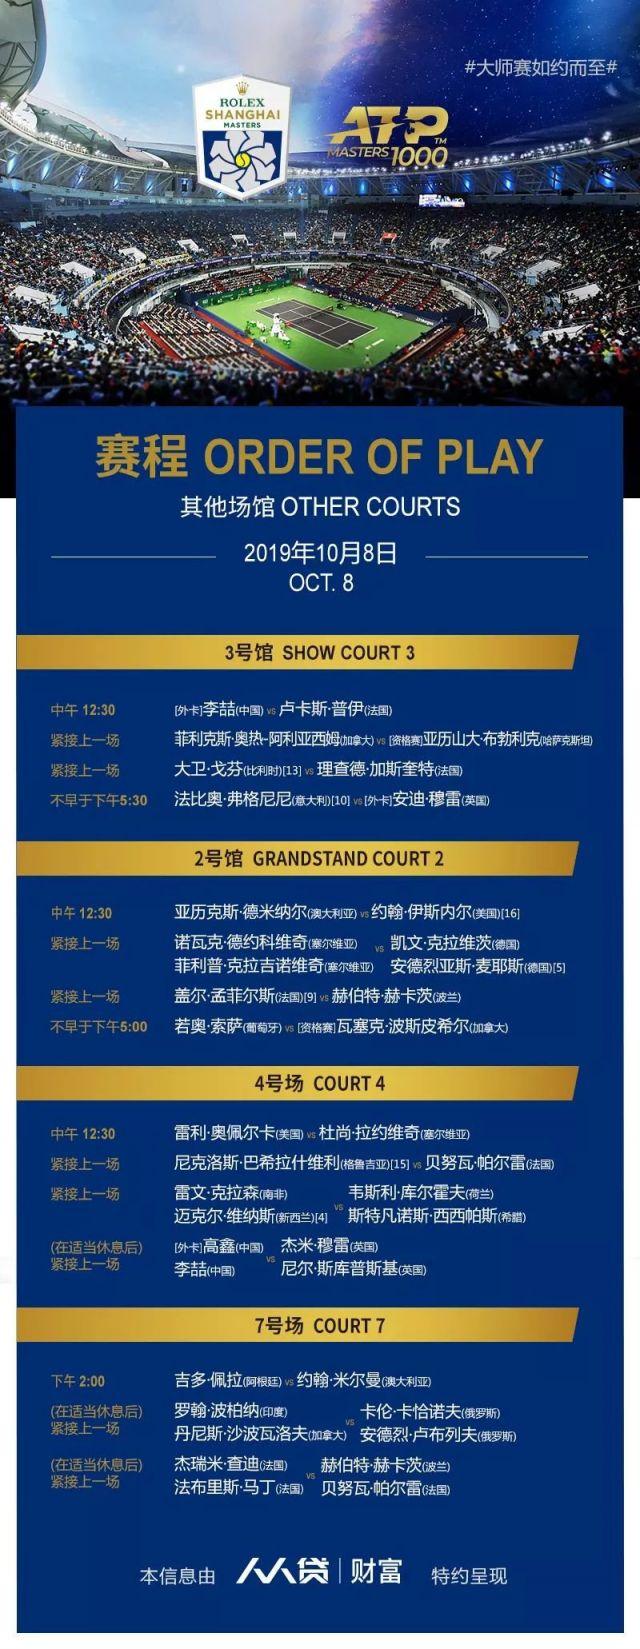 上海劳力士大师赛2019年10月8日赛程